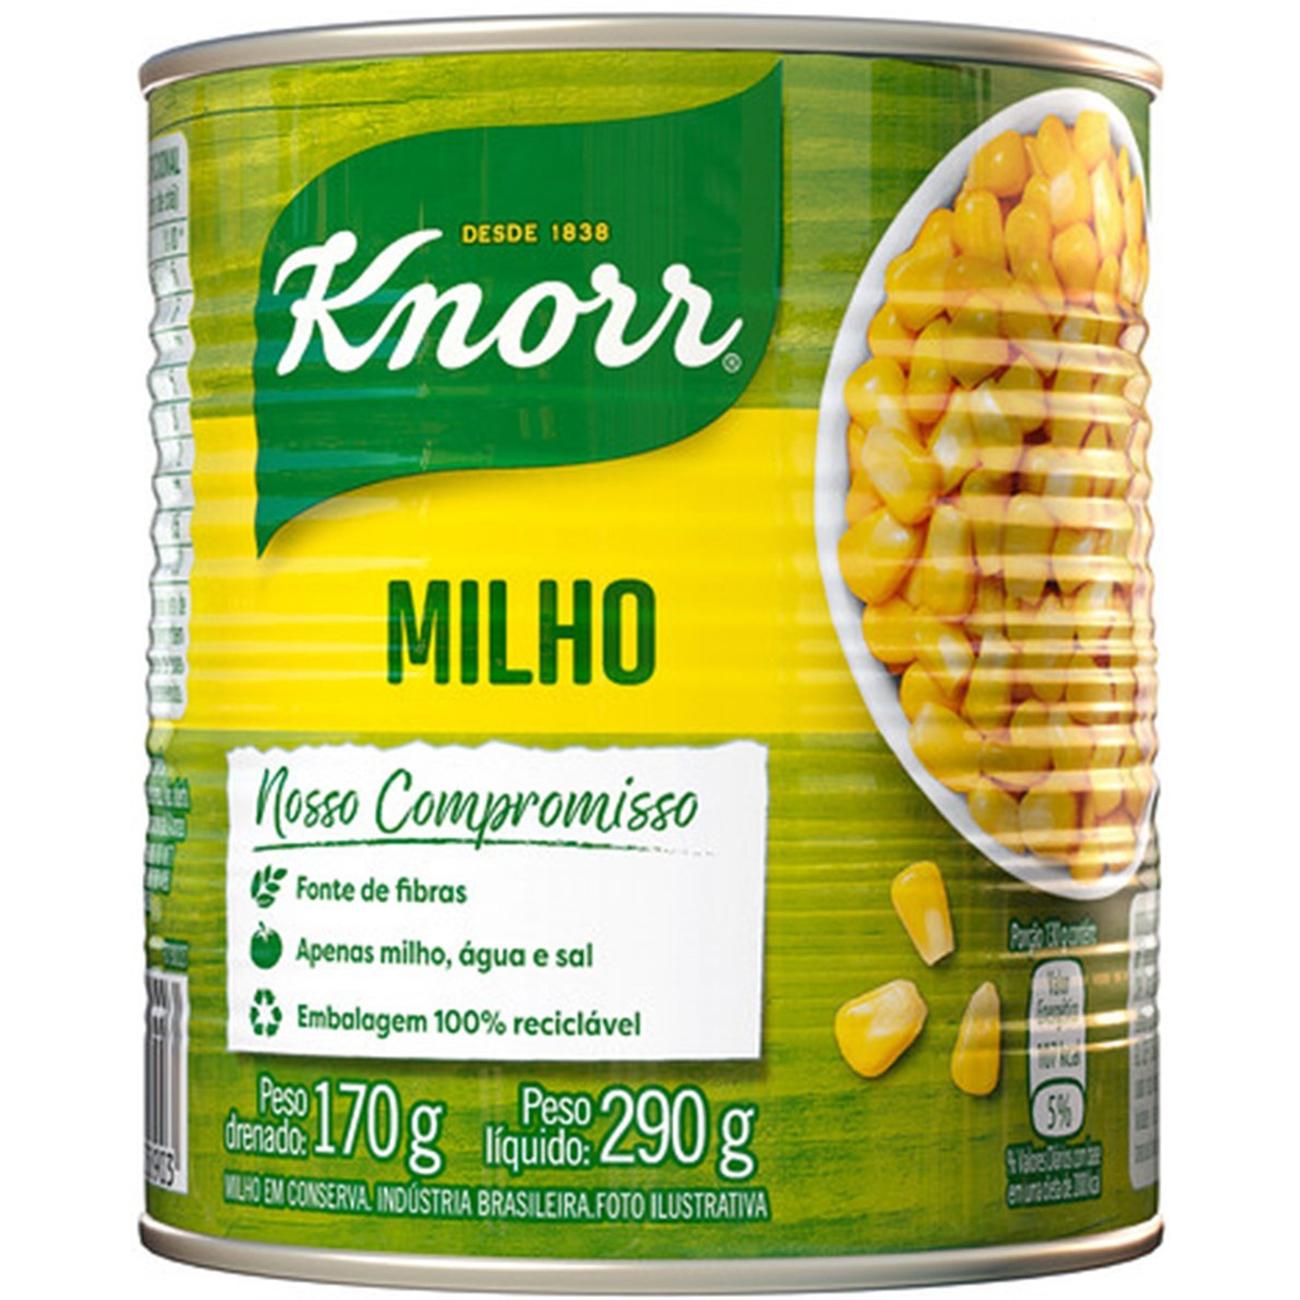 Milho Knorr 170G